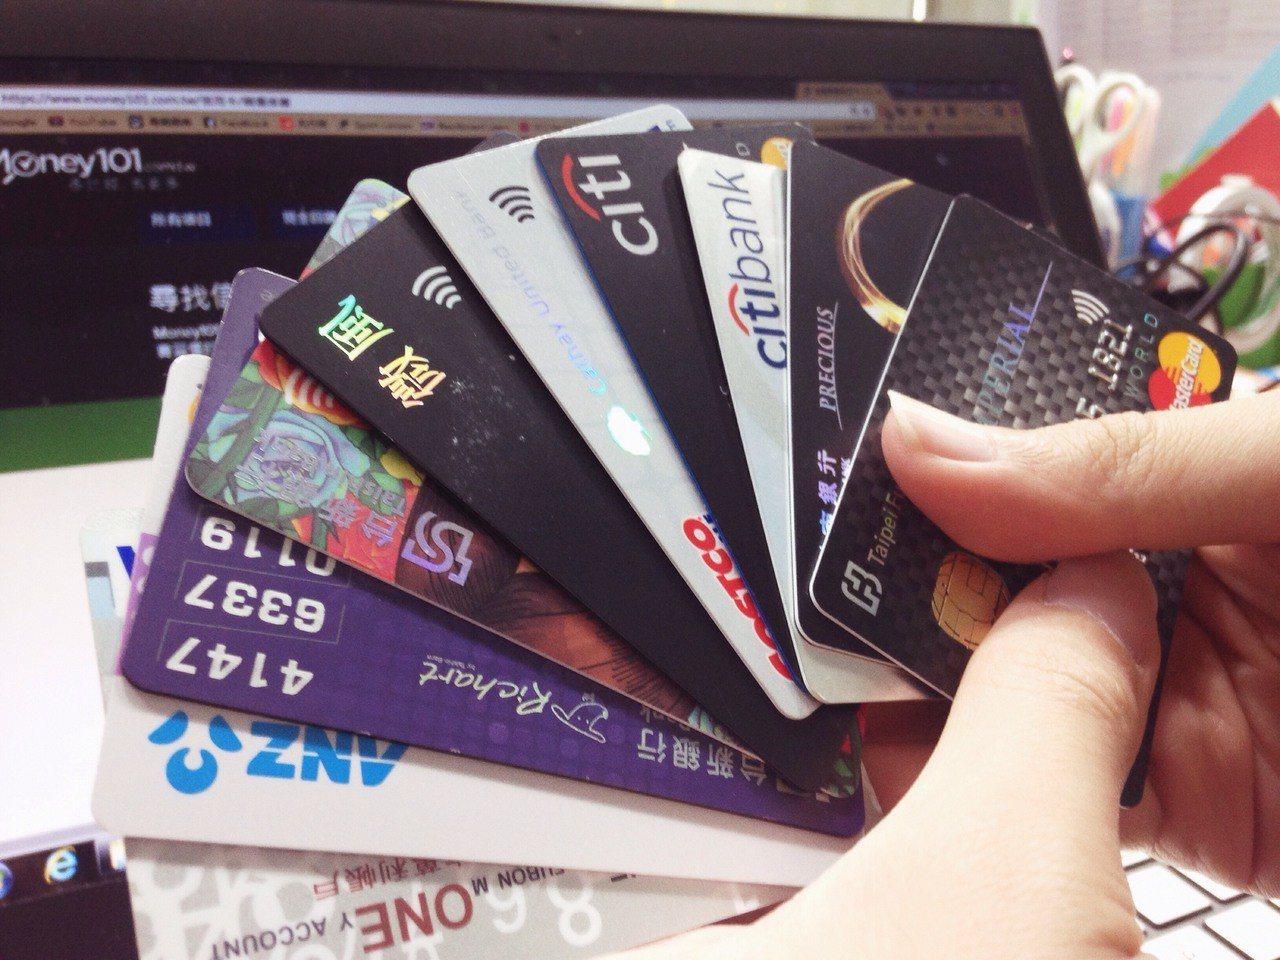 金管會金檢發現有銀行超收信用卡違約金,立委要求金管會須在今年上半年全面清查各銀行...